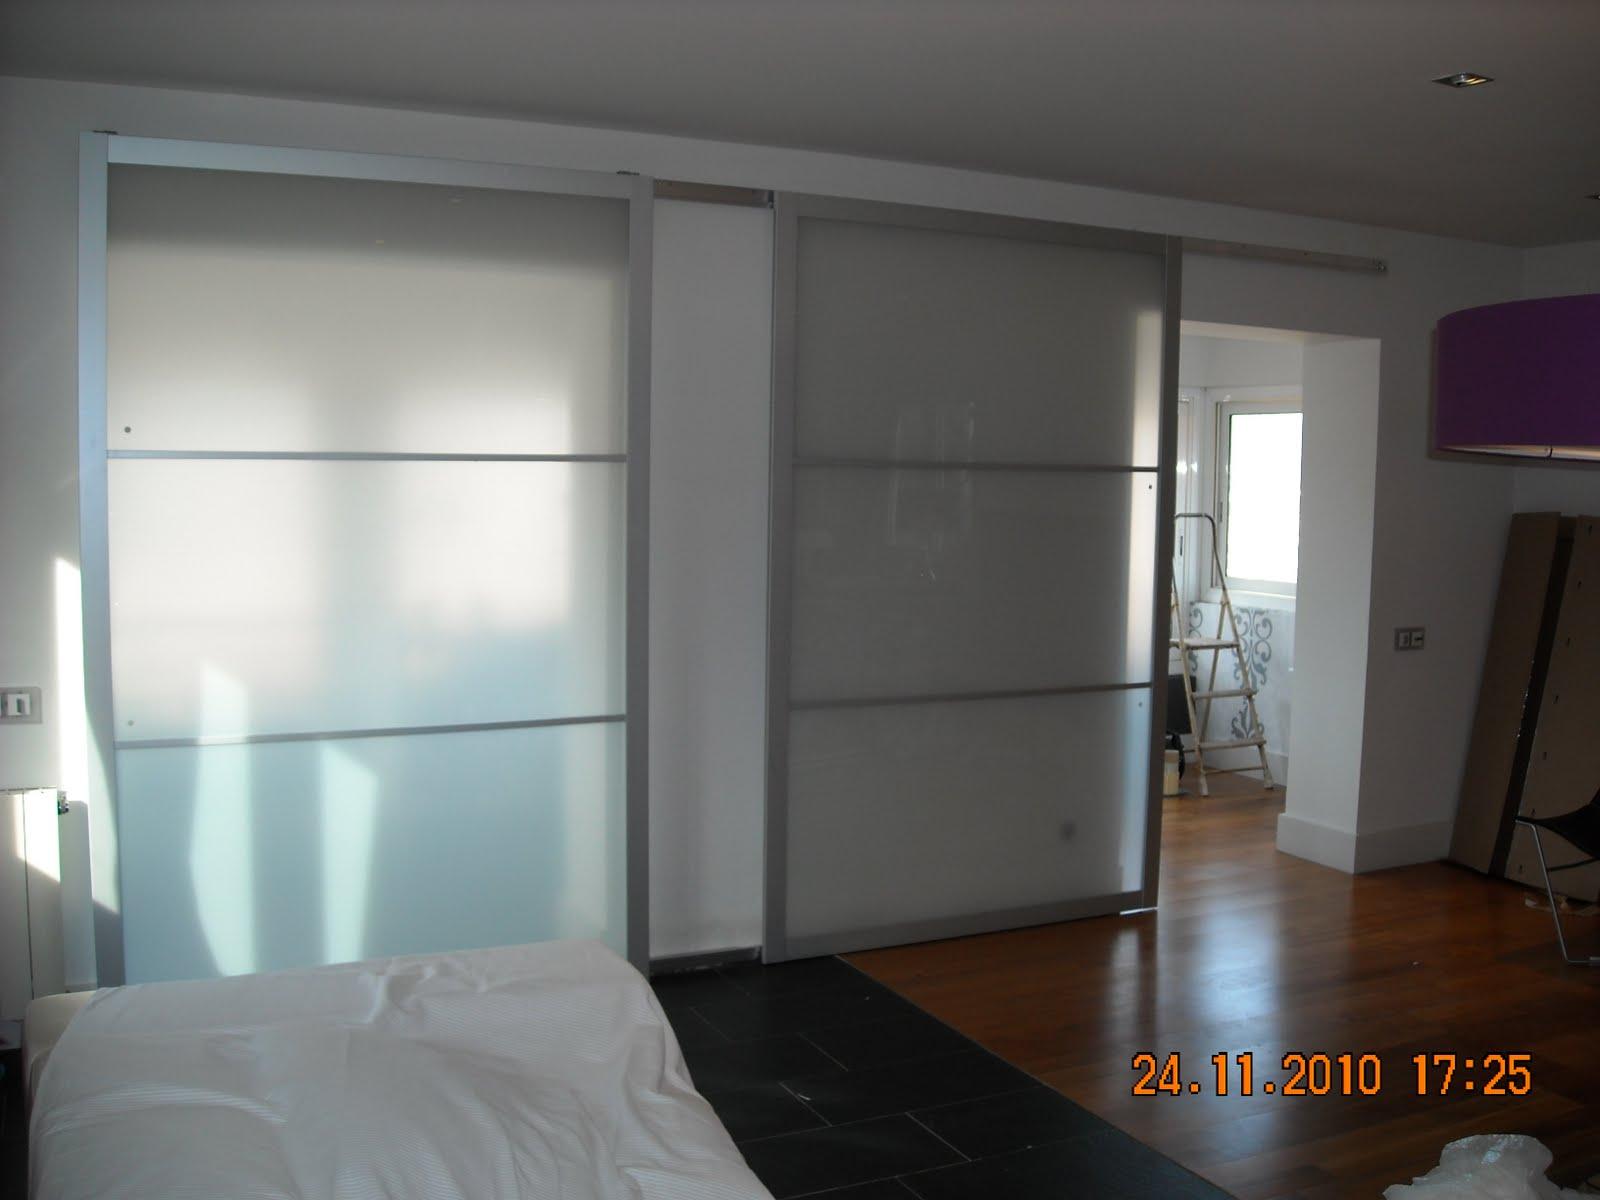 Bricolatge a domicili puerta corredera ikea lyngdal for Puertas correderas de cristal para armarios